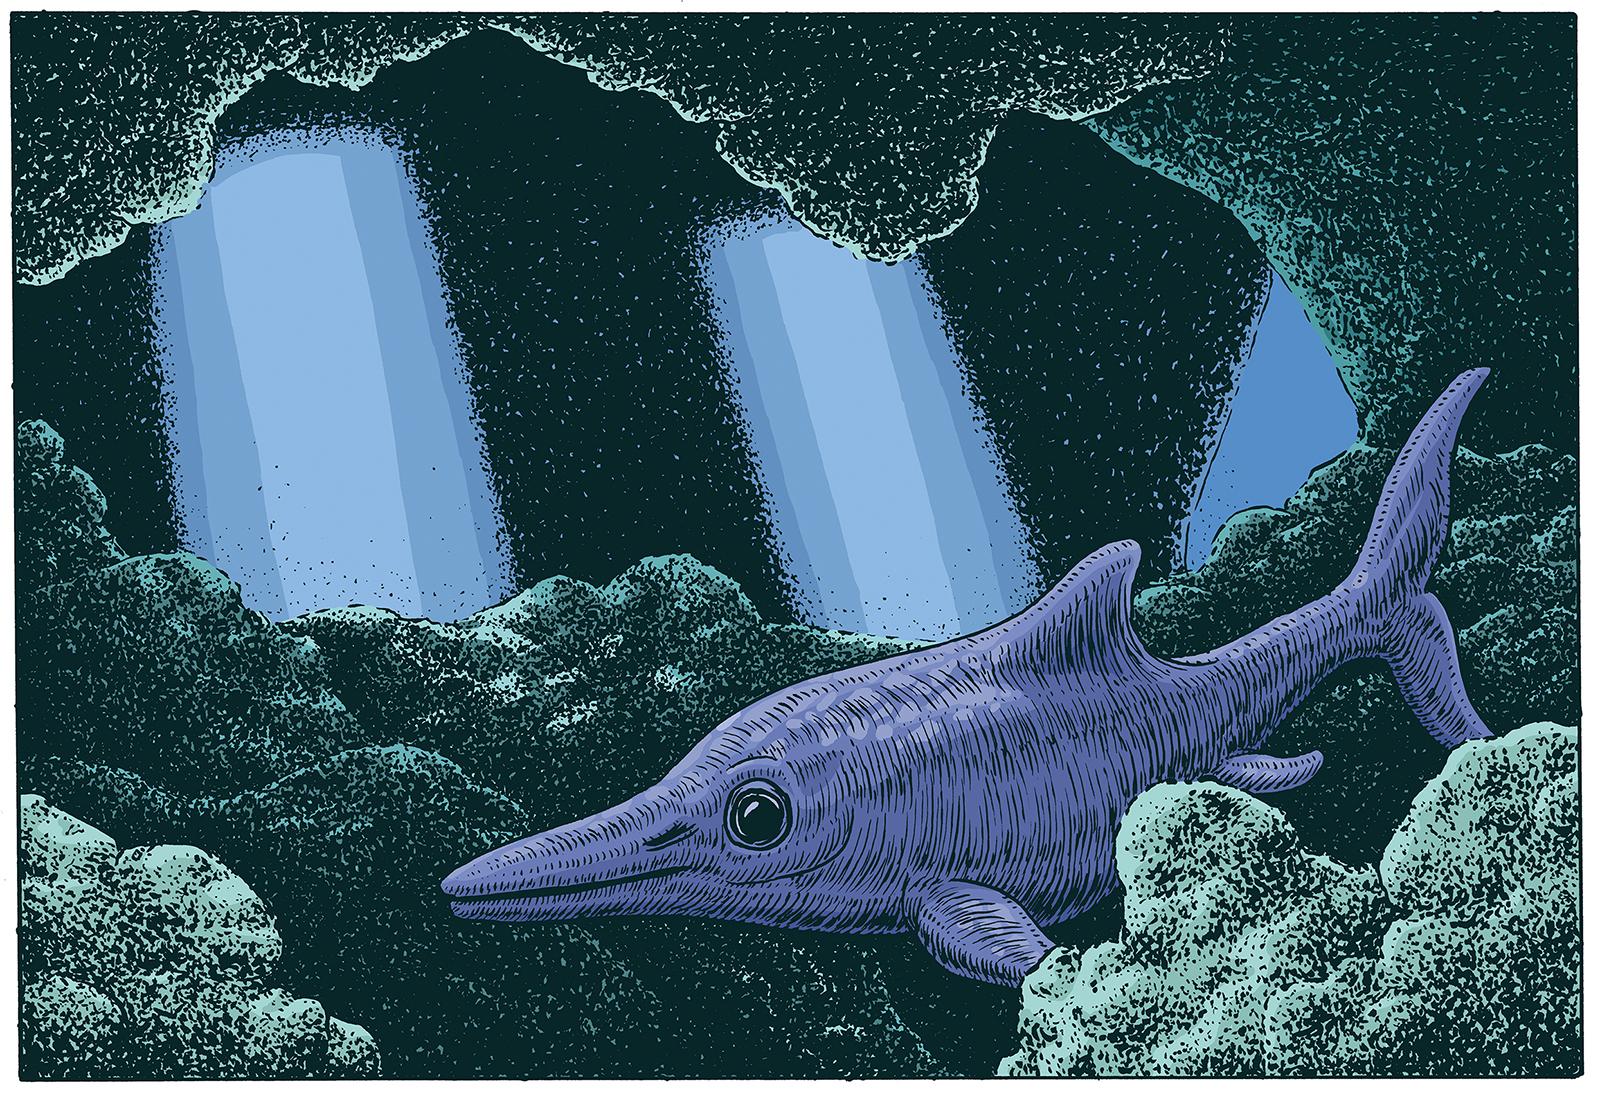 IchthyosaurusWEB